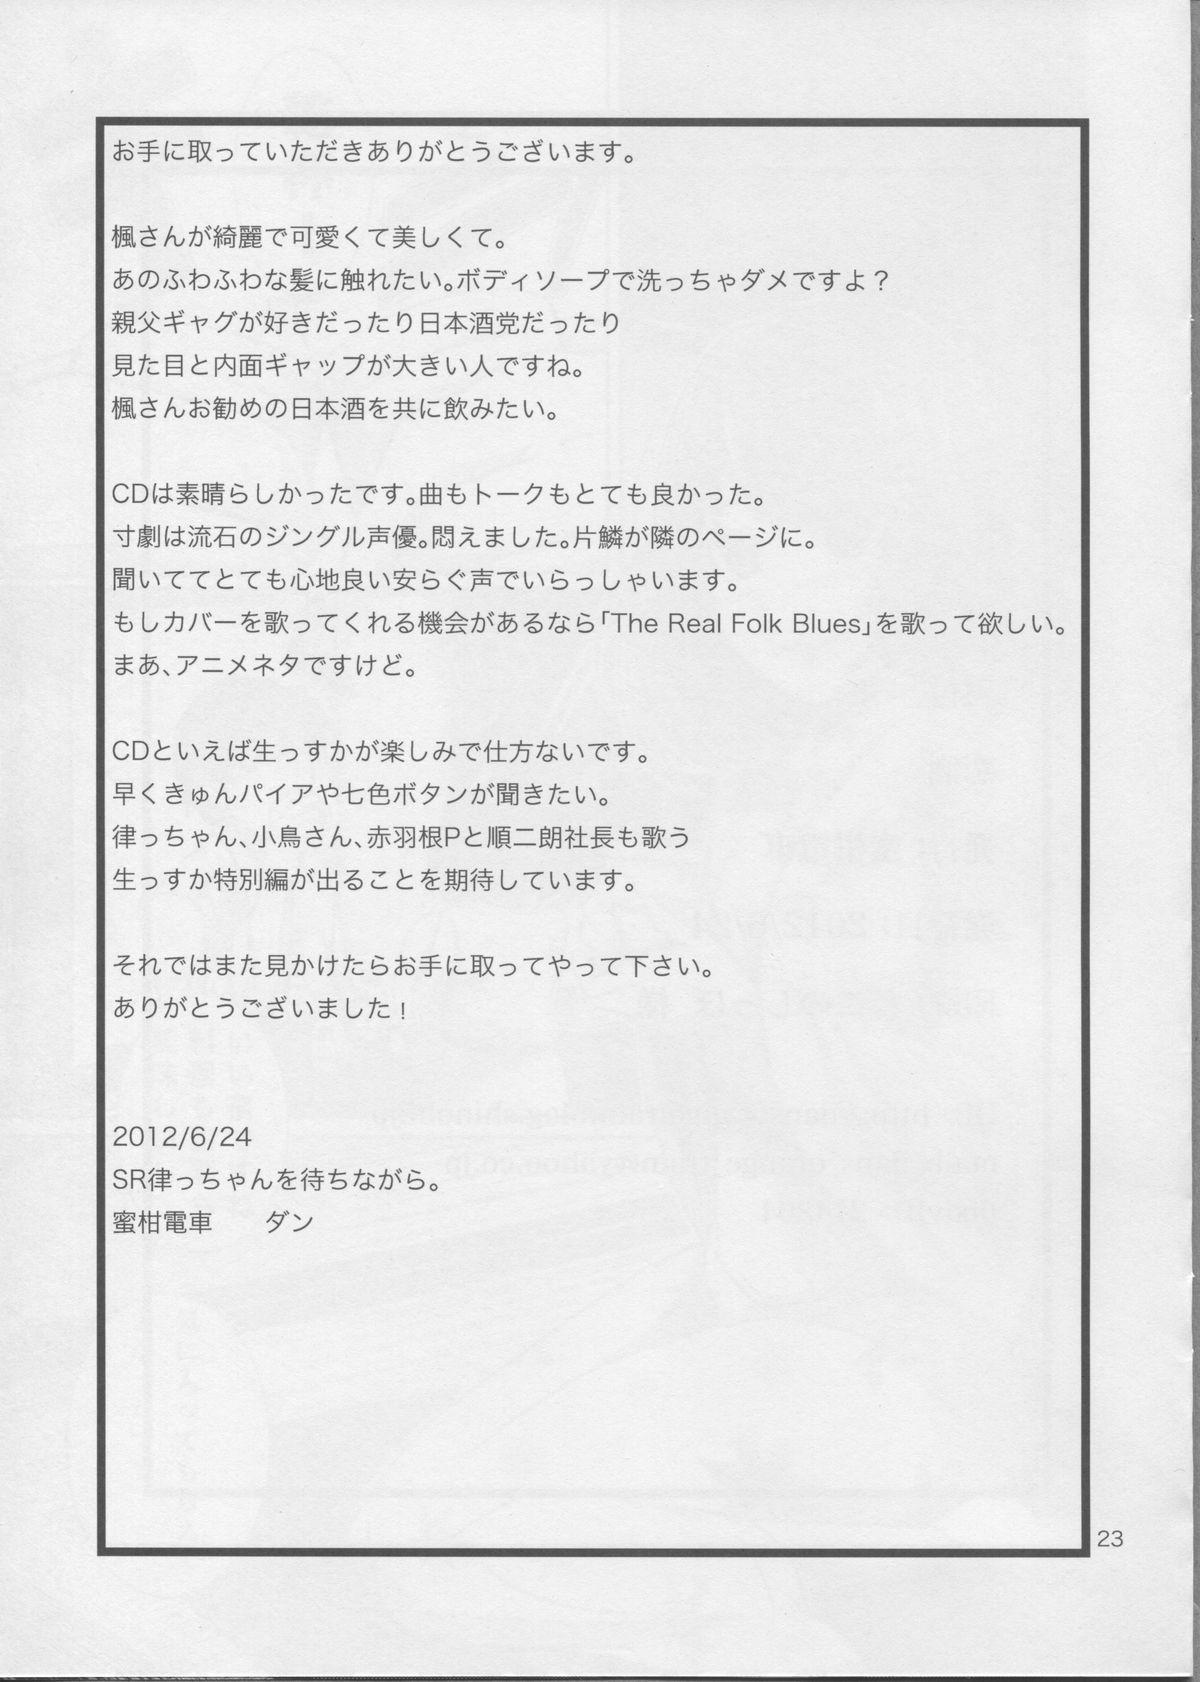 Koi Sake 23